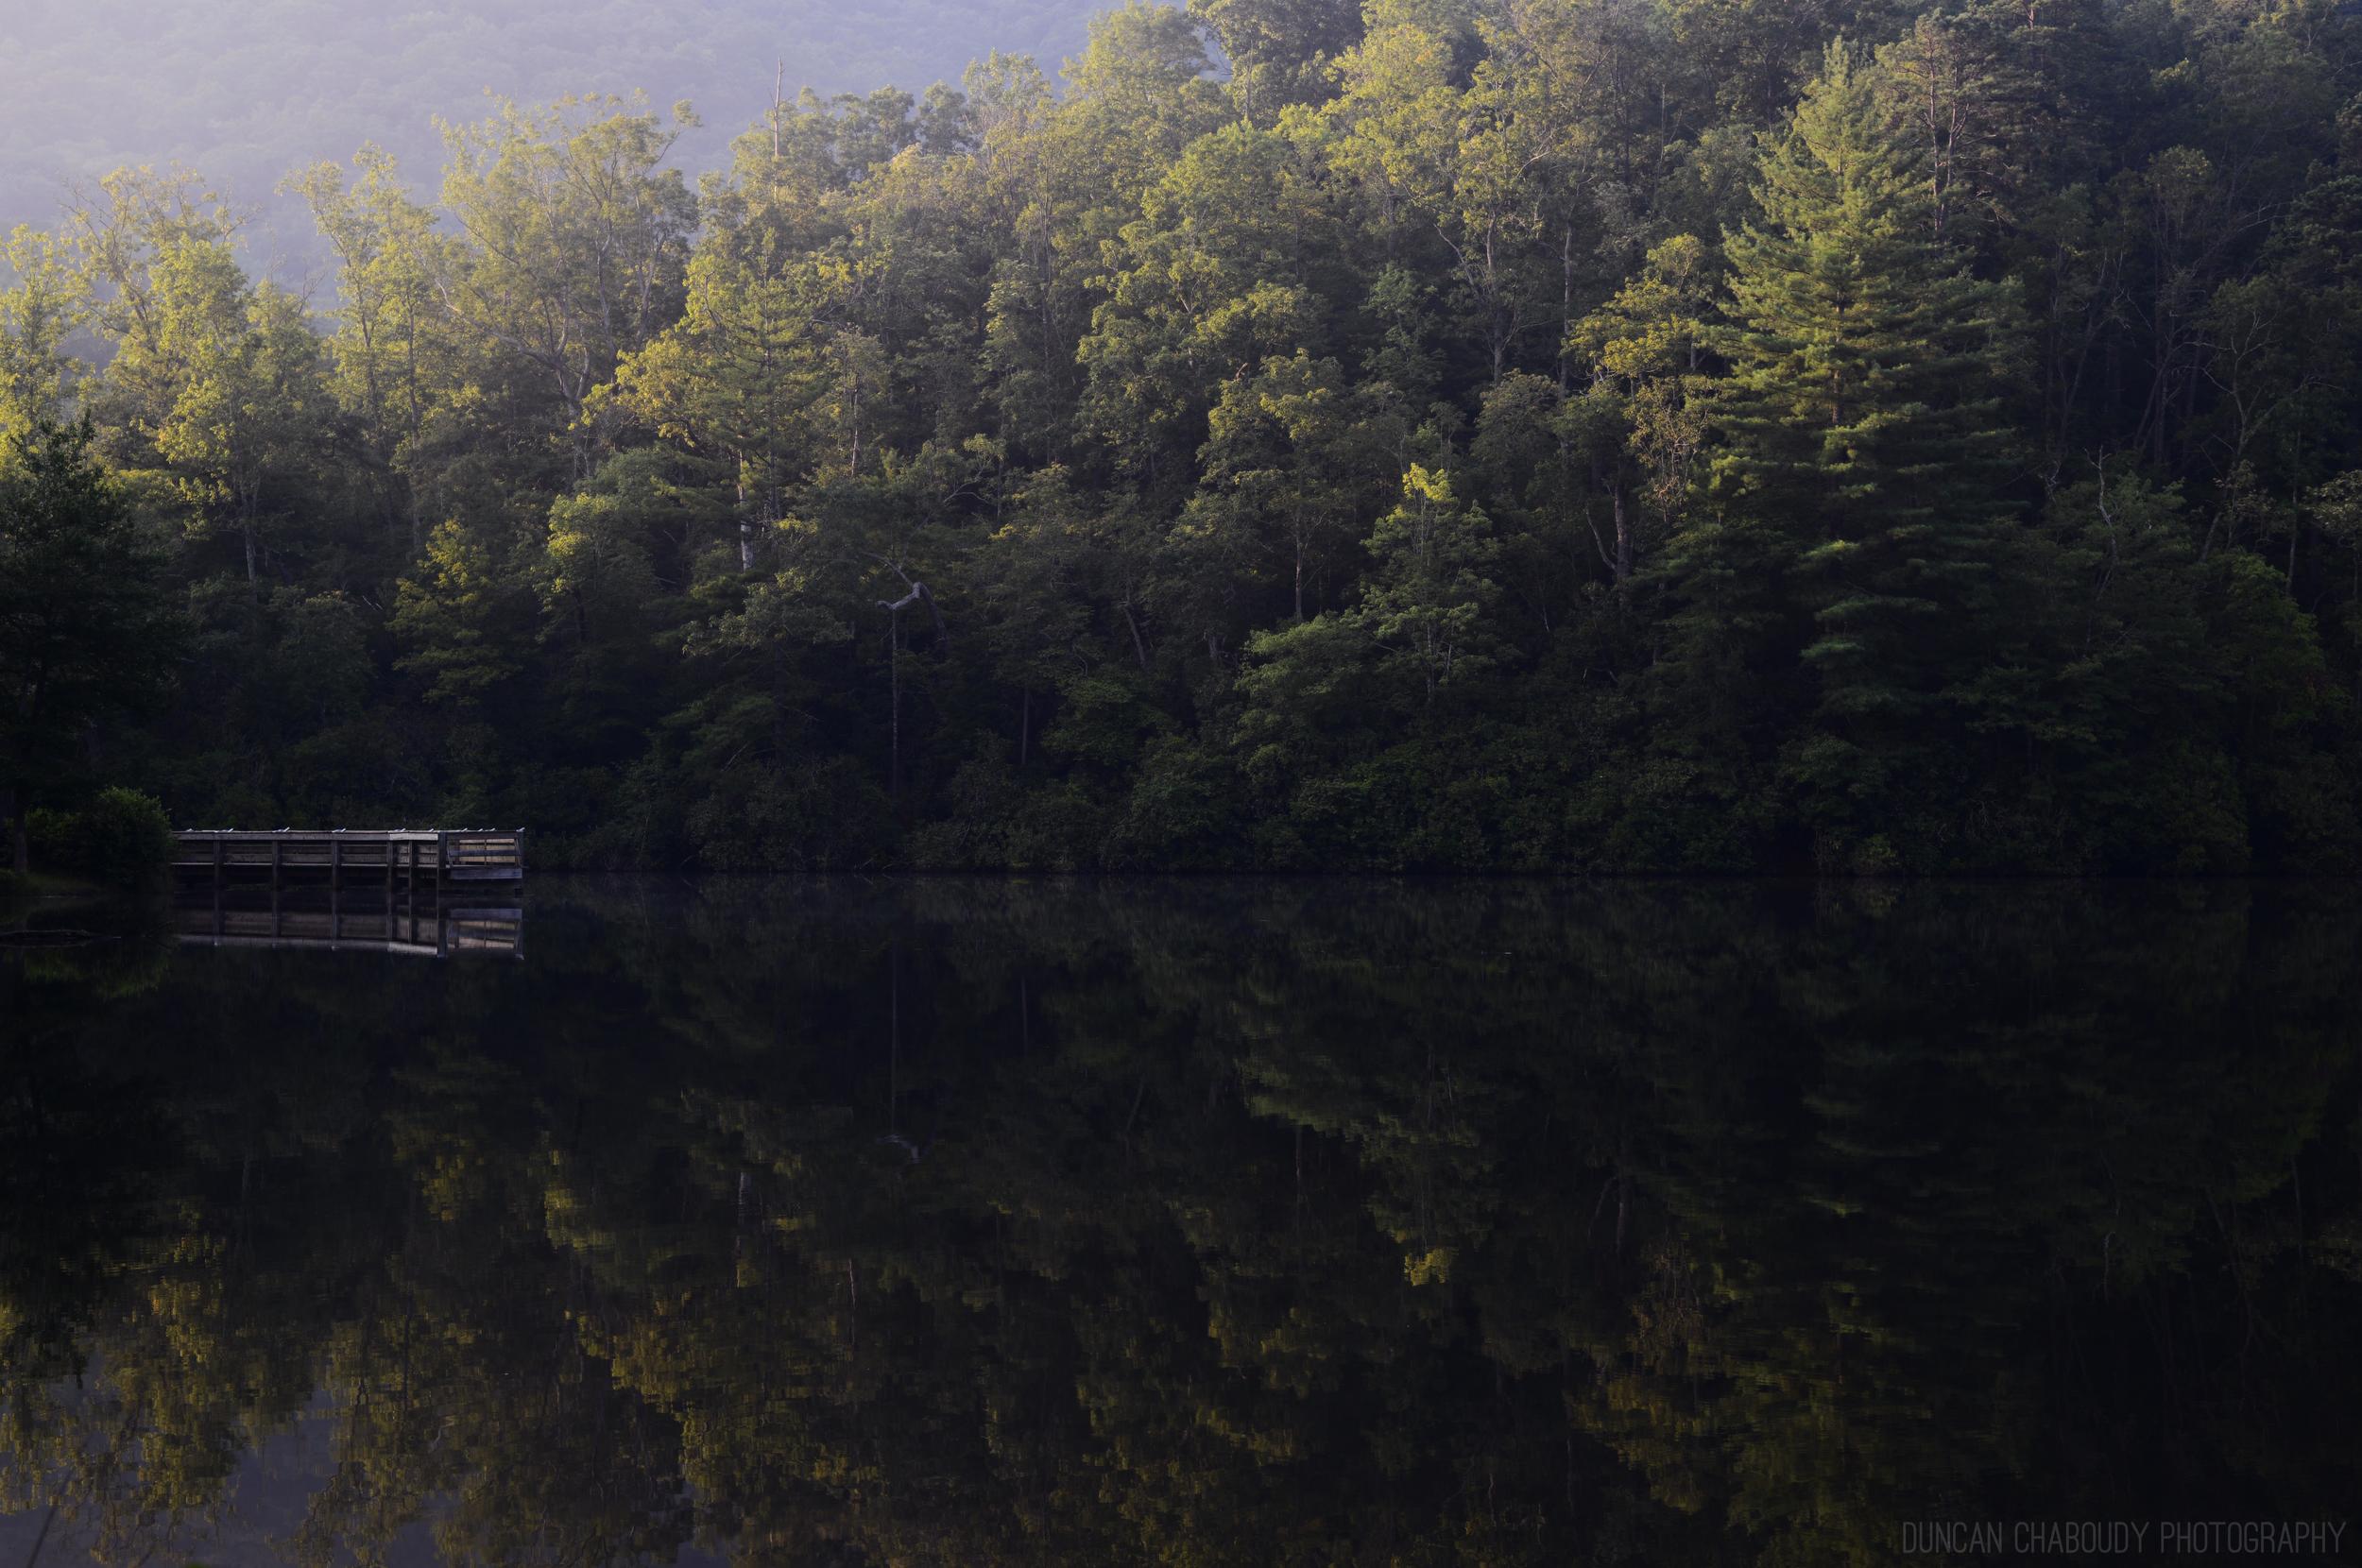 Lake Powhatan, North Carolina